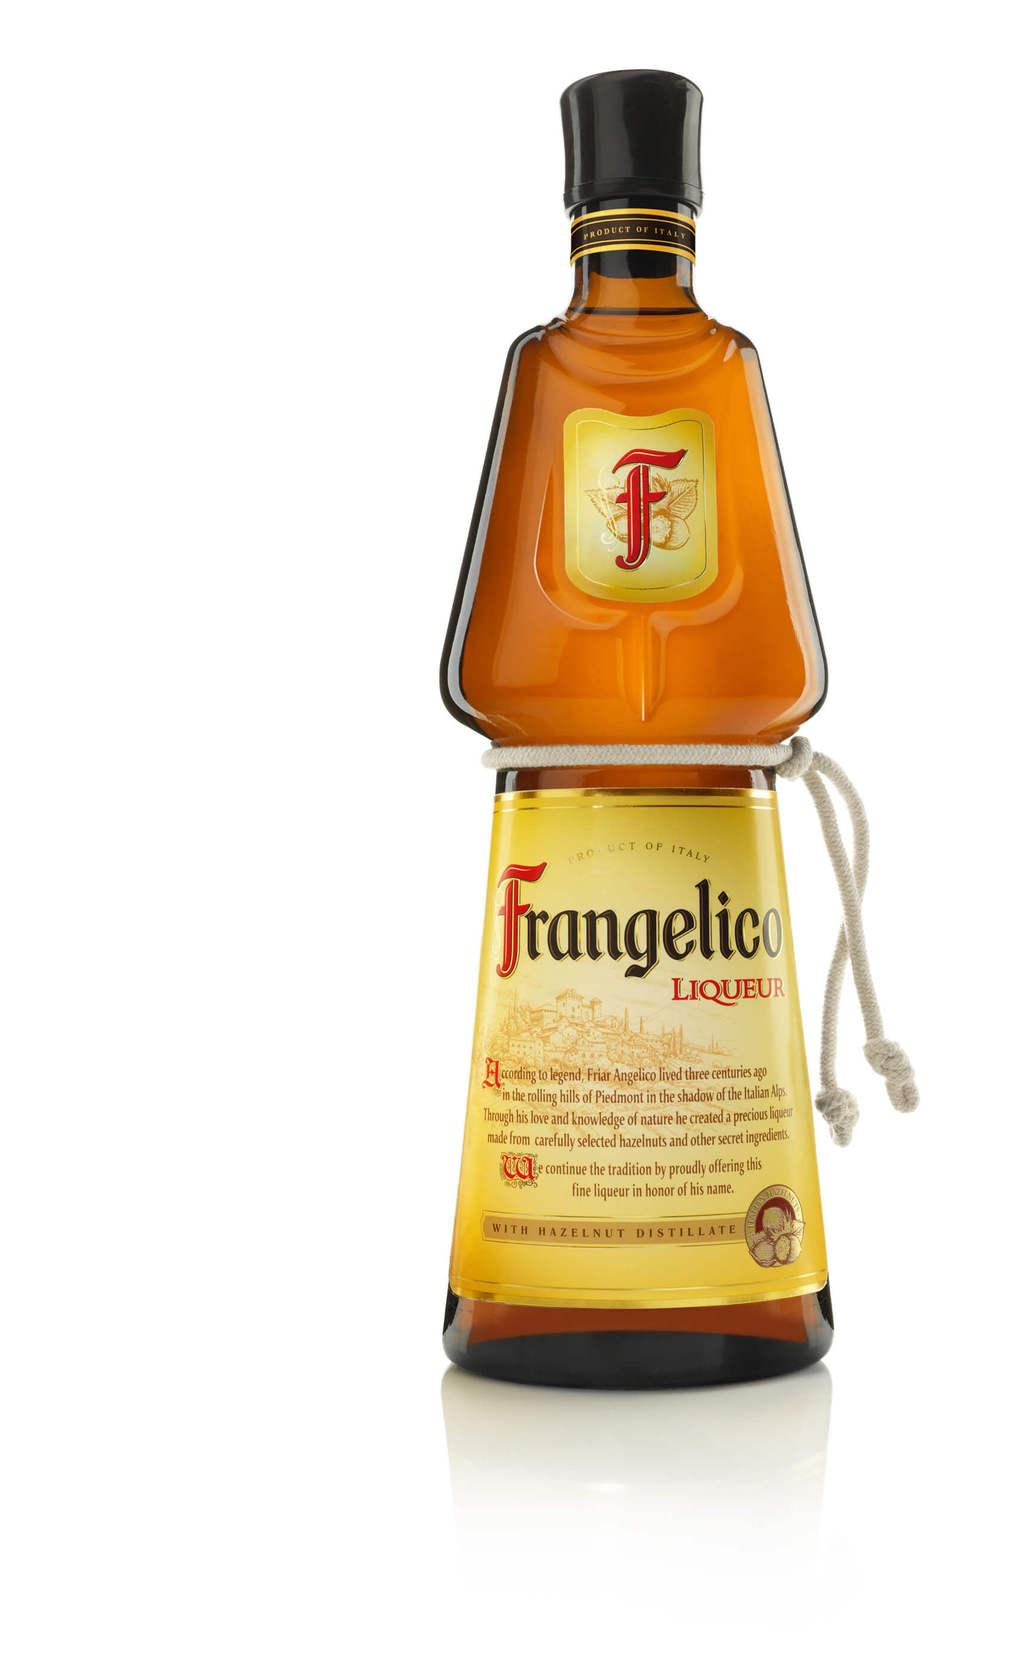 frangelico.jpg